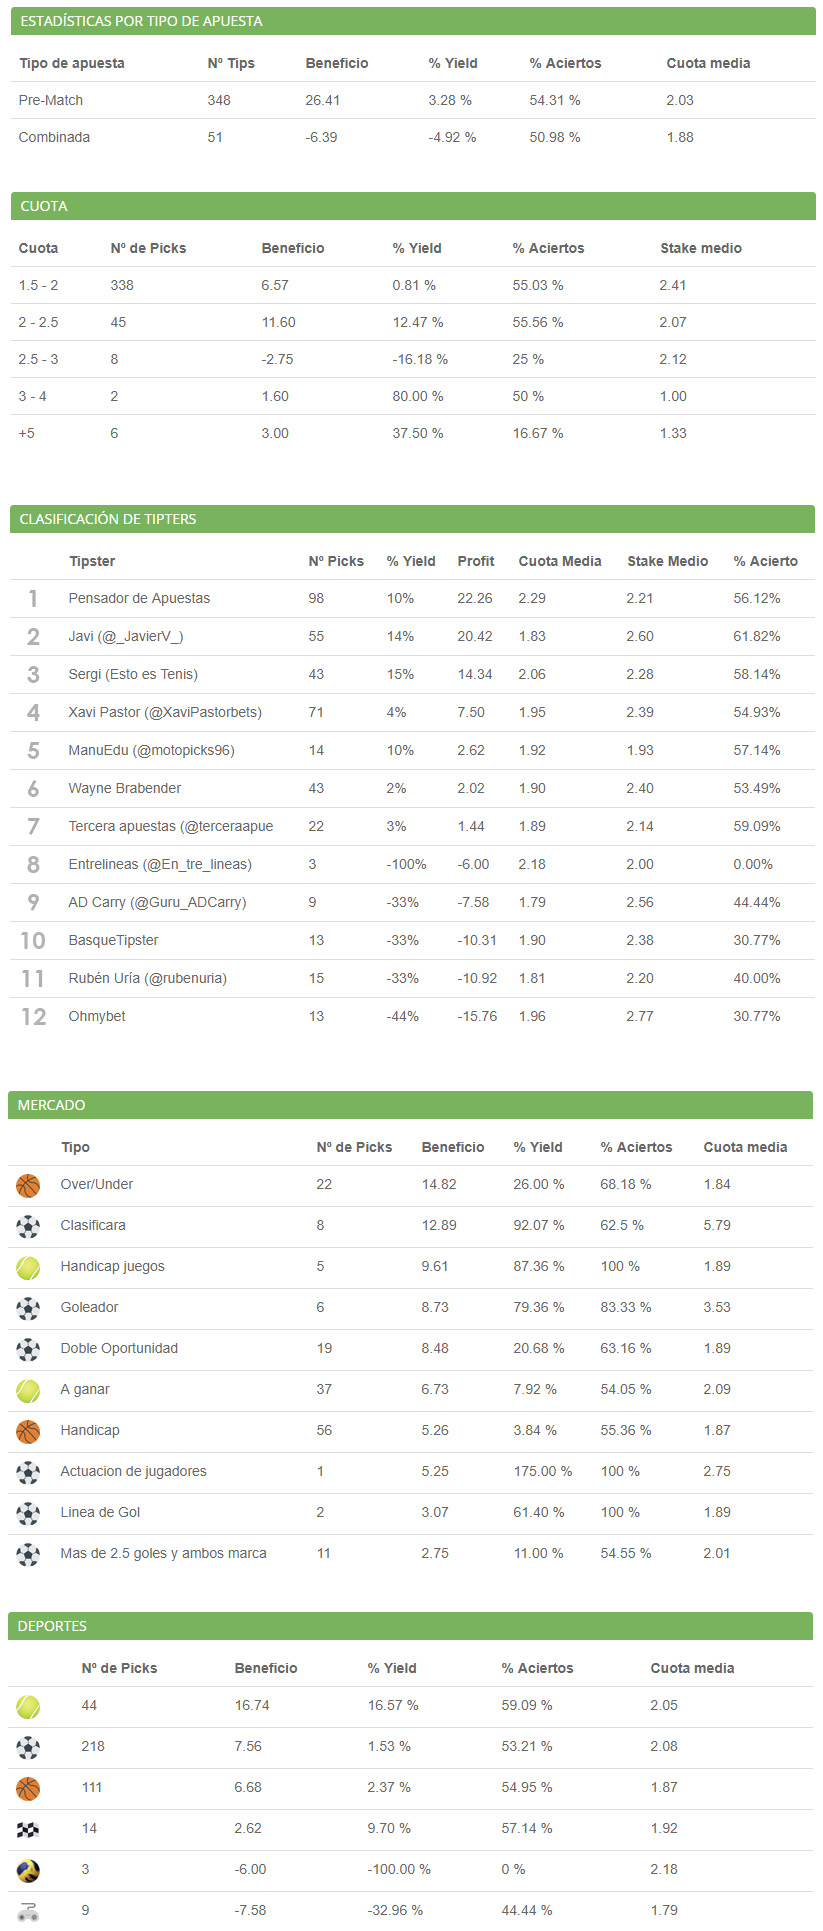 11 - Estadísticas anuales detalladas - Diciembre 2018